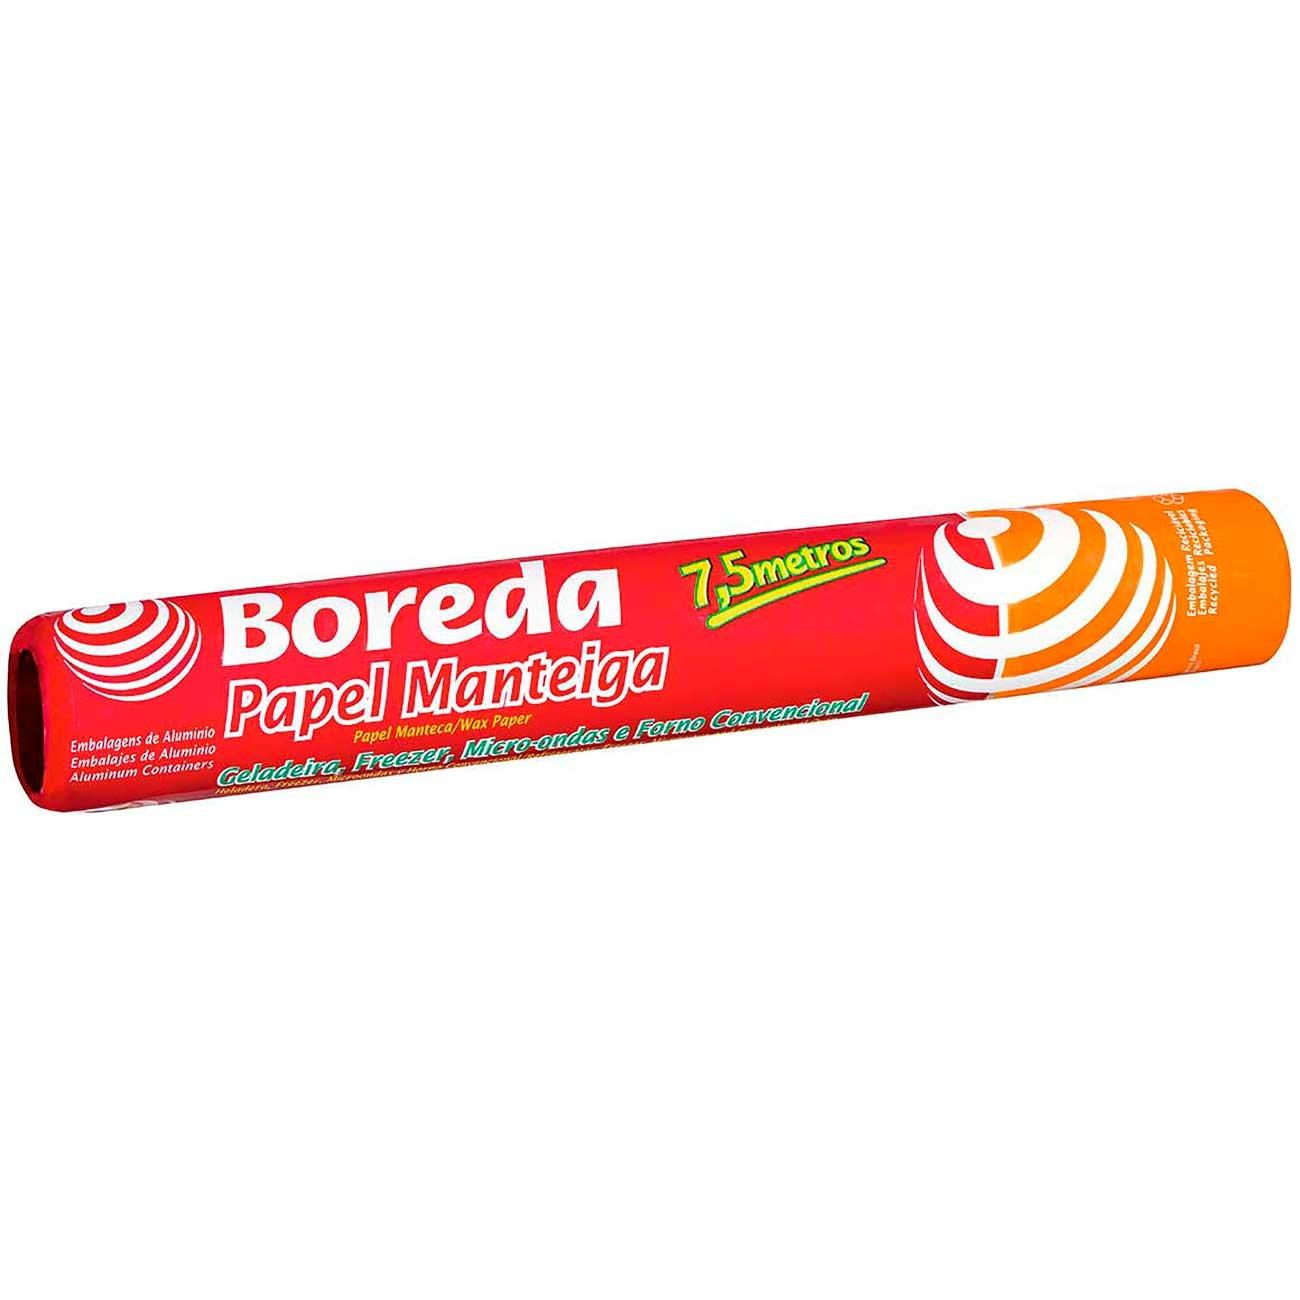 Papel Manteiga Boreda 30 x 7,5m | Caixa com 12 unidades